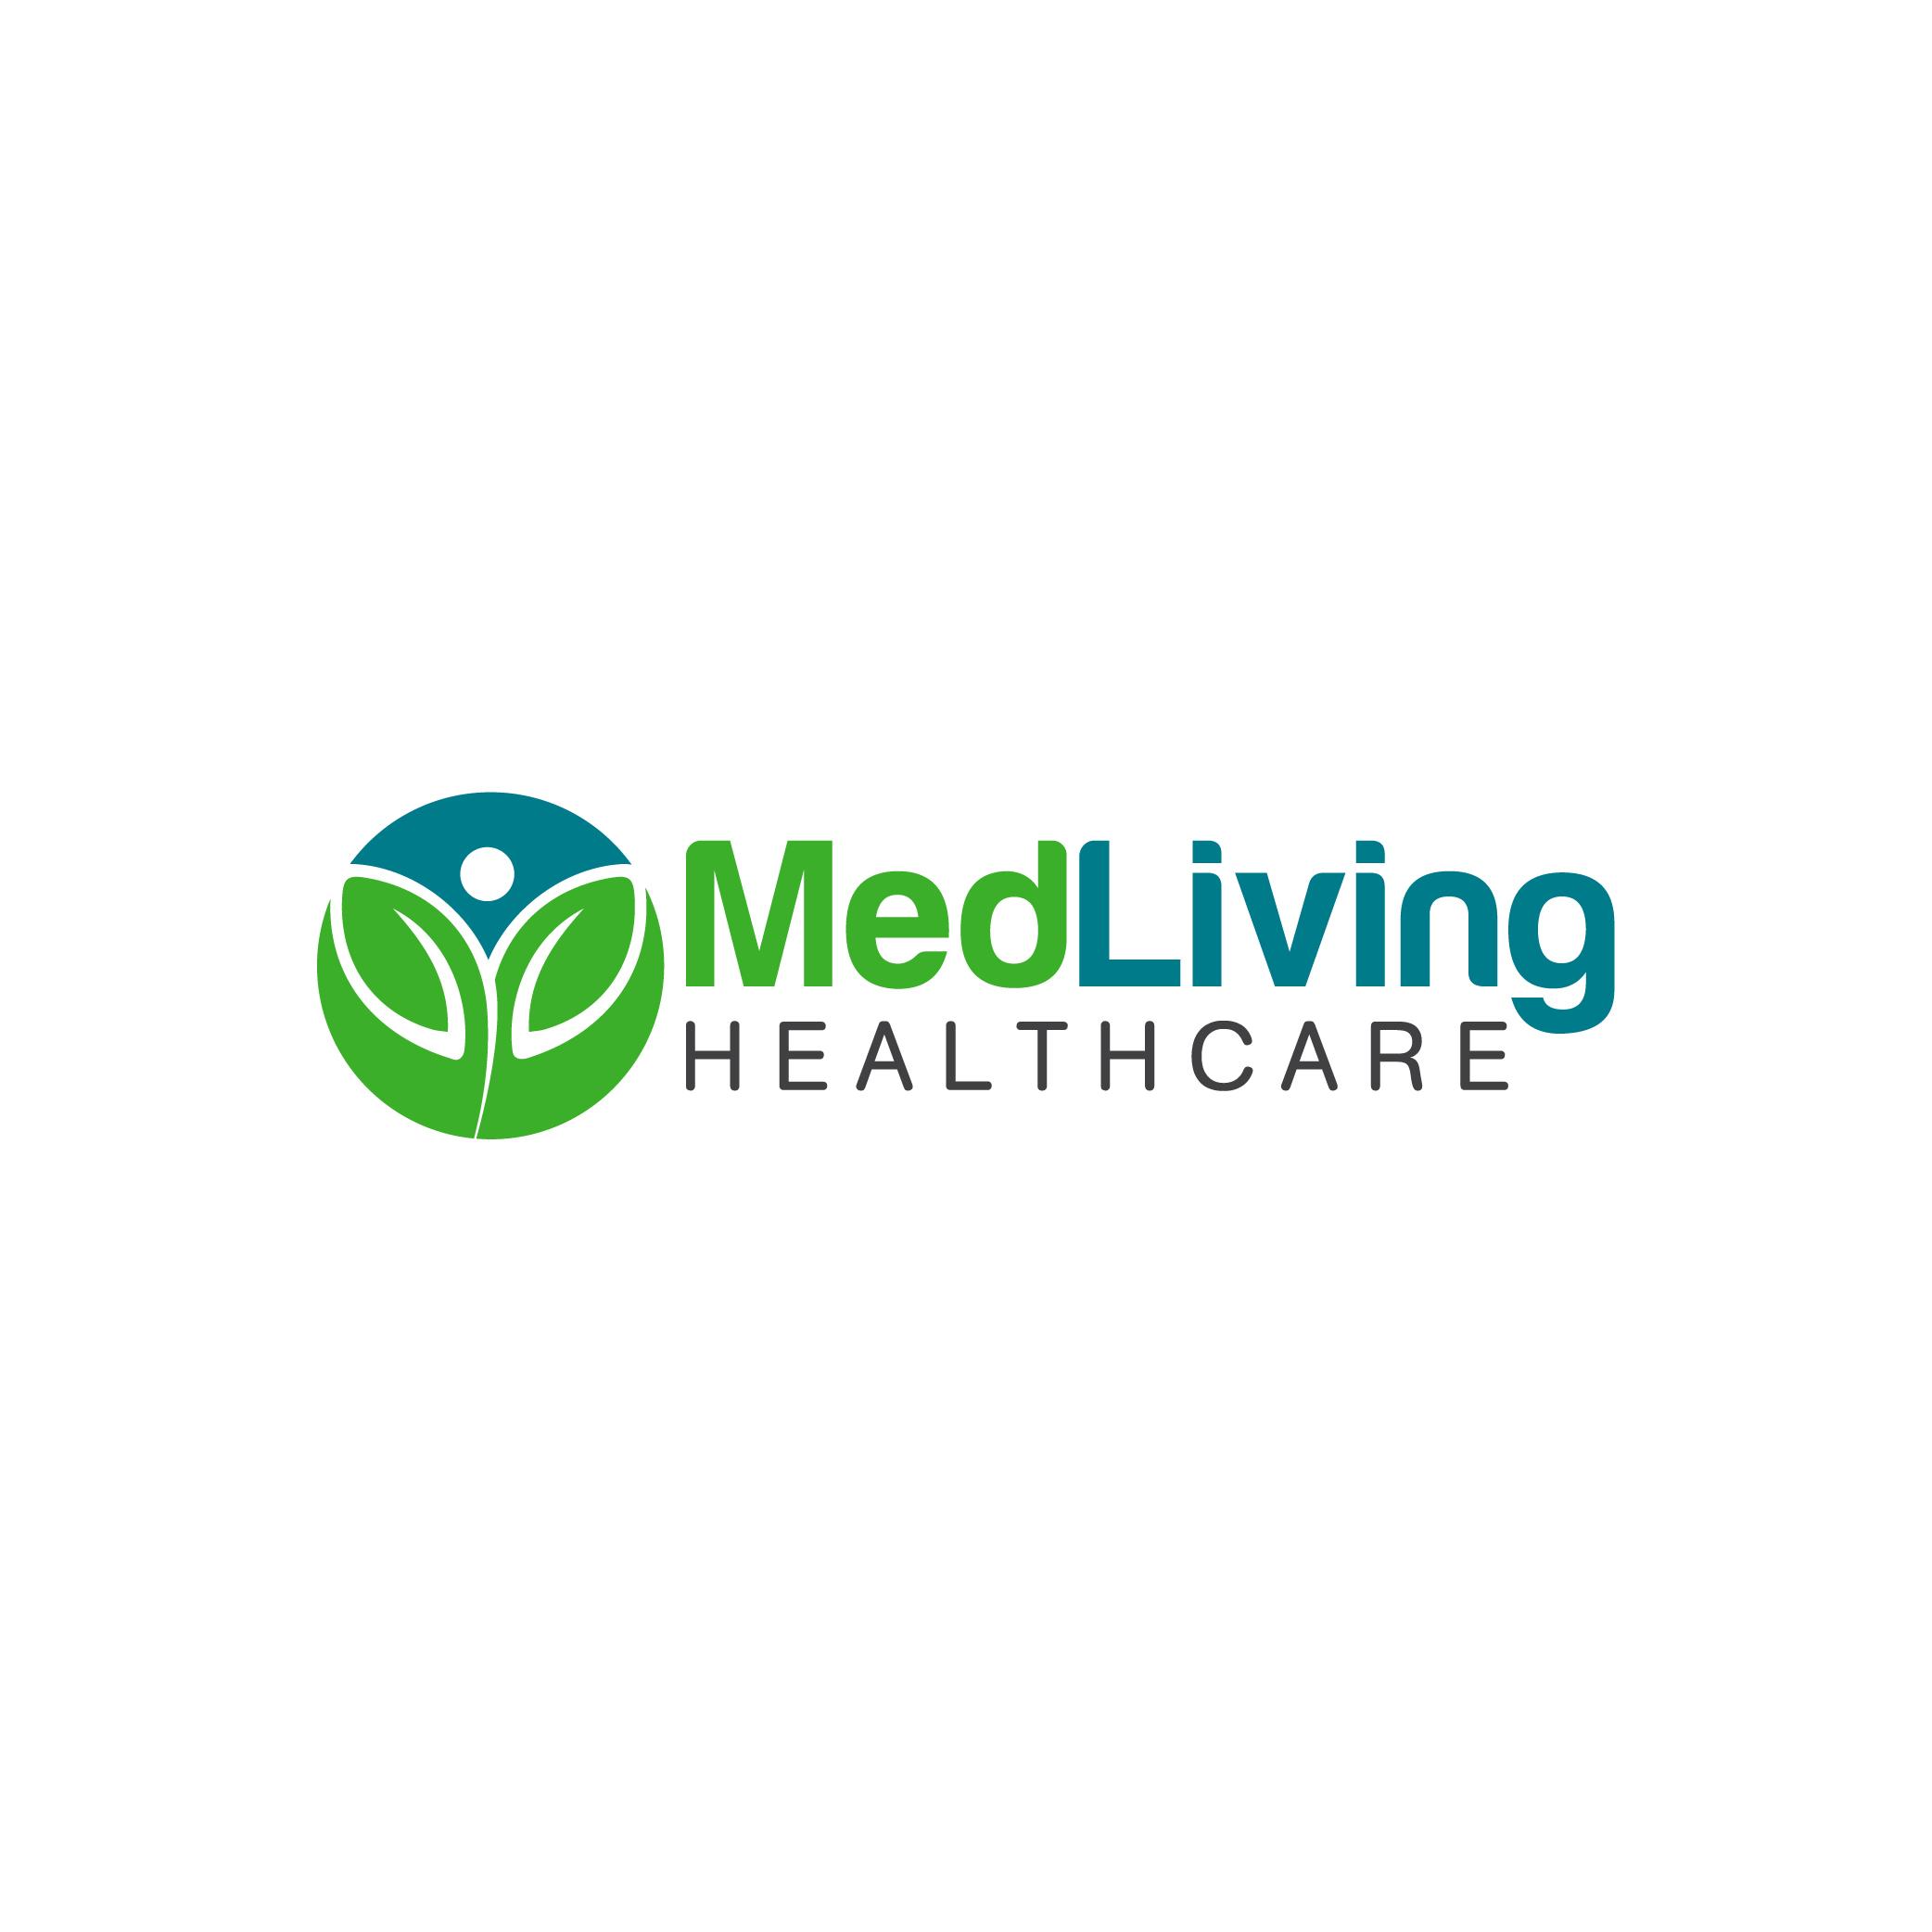 MedLiving Healthcare